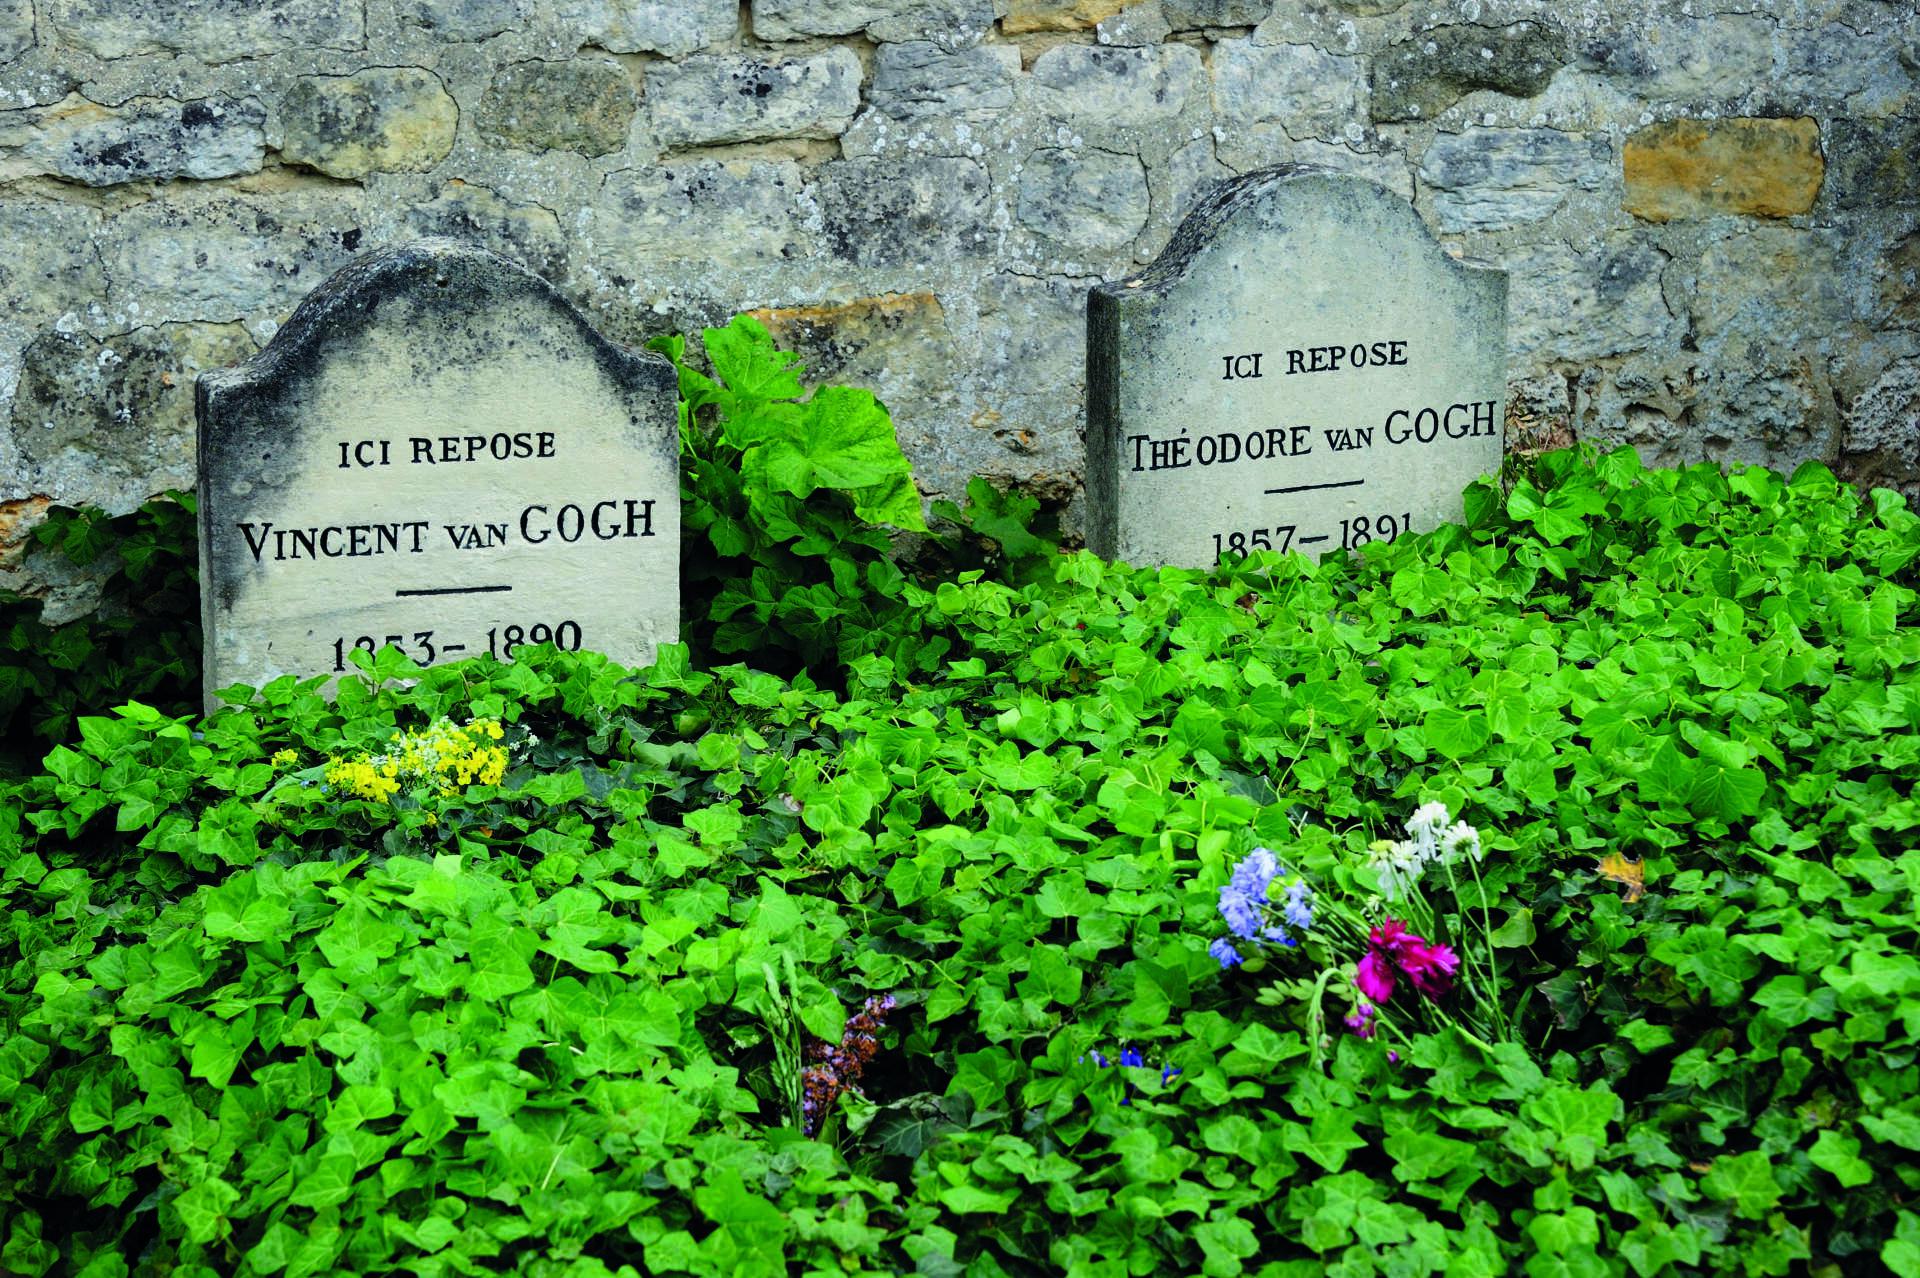 Tombes de Van Gogh à Auvers-sur-Oise